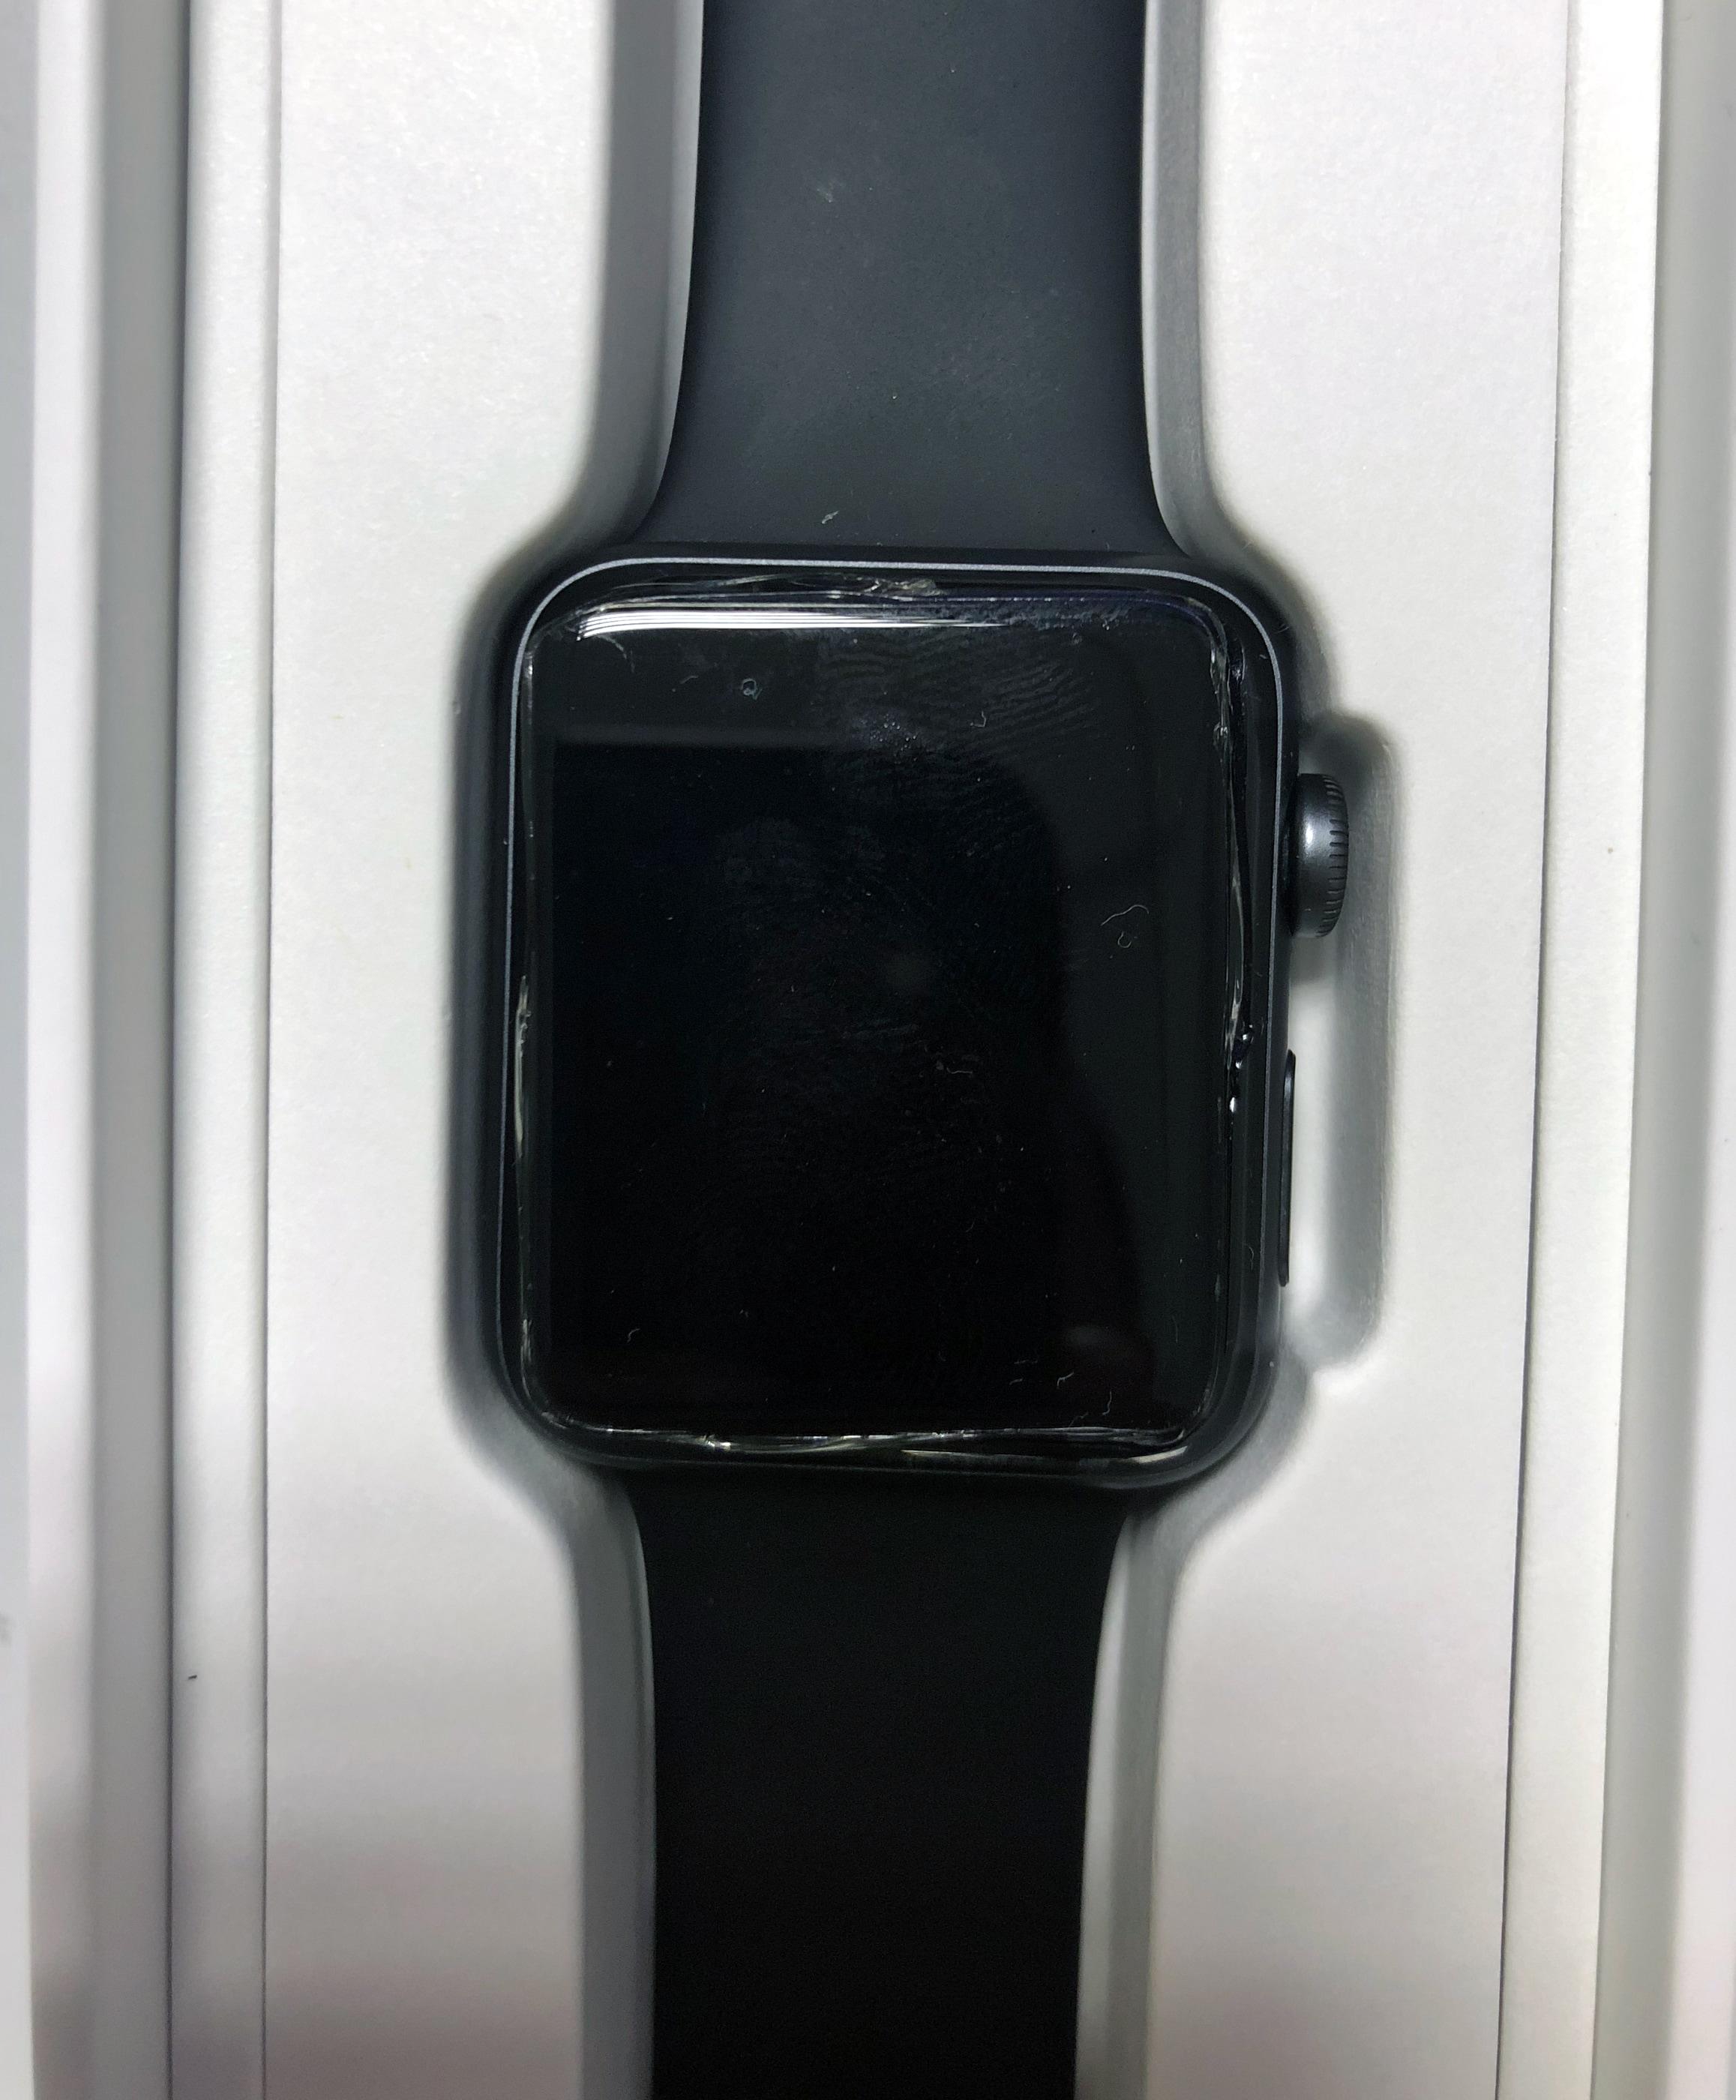 Apple Watch Series 3 estufado com a tela quebrada